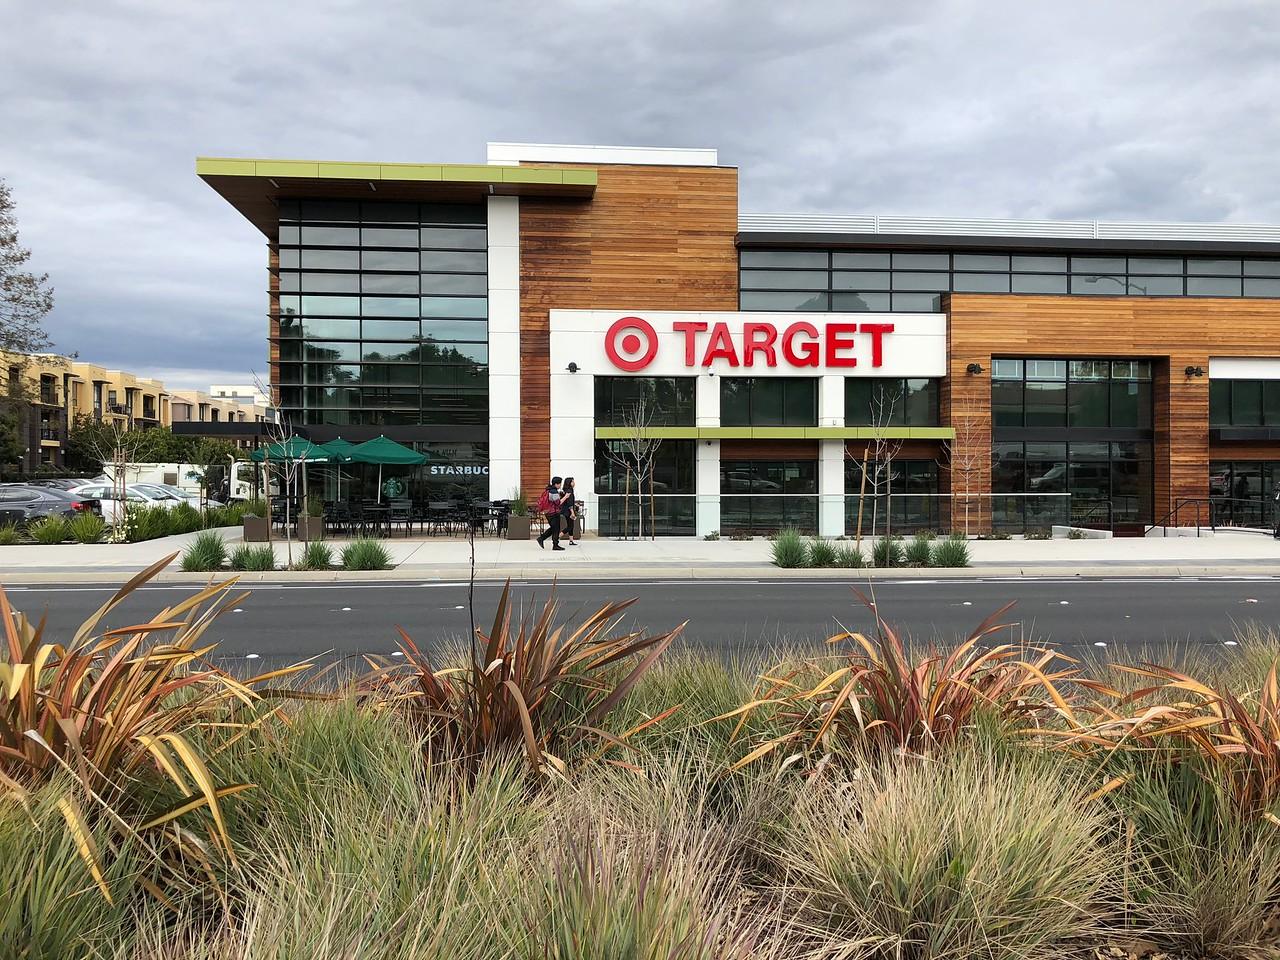 Cupertino Target Stevens Creek Blu Skye Media-X2.jpg